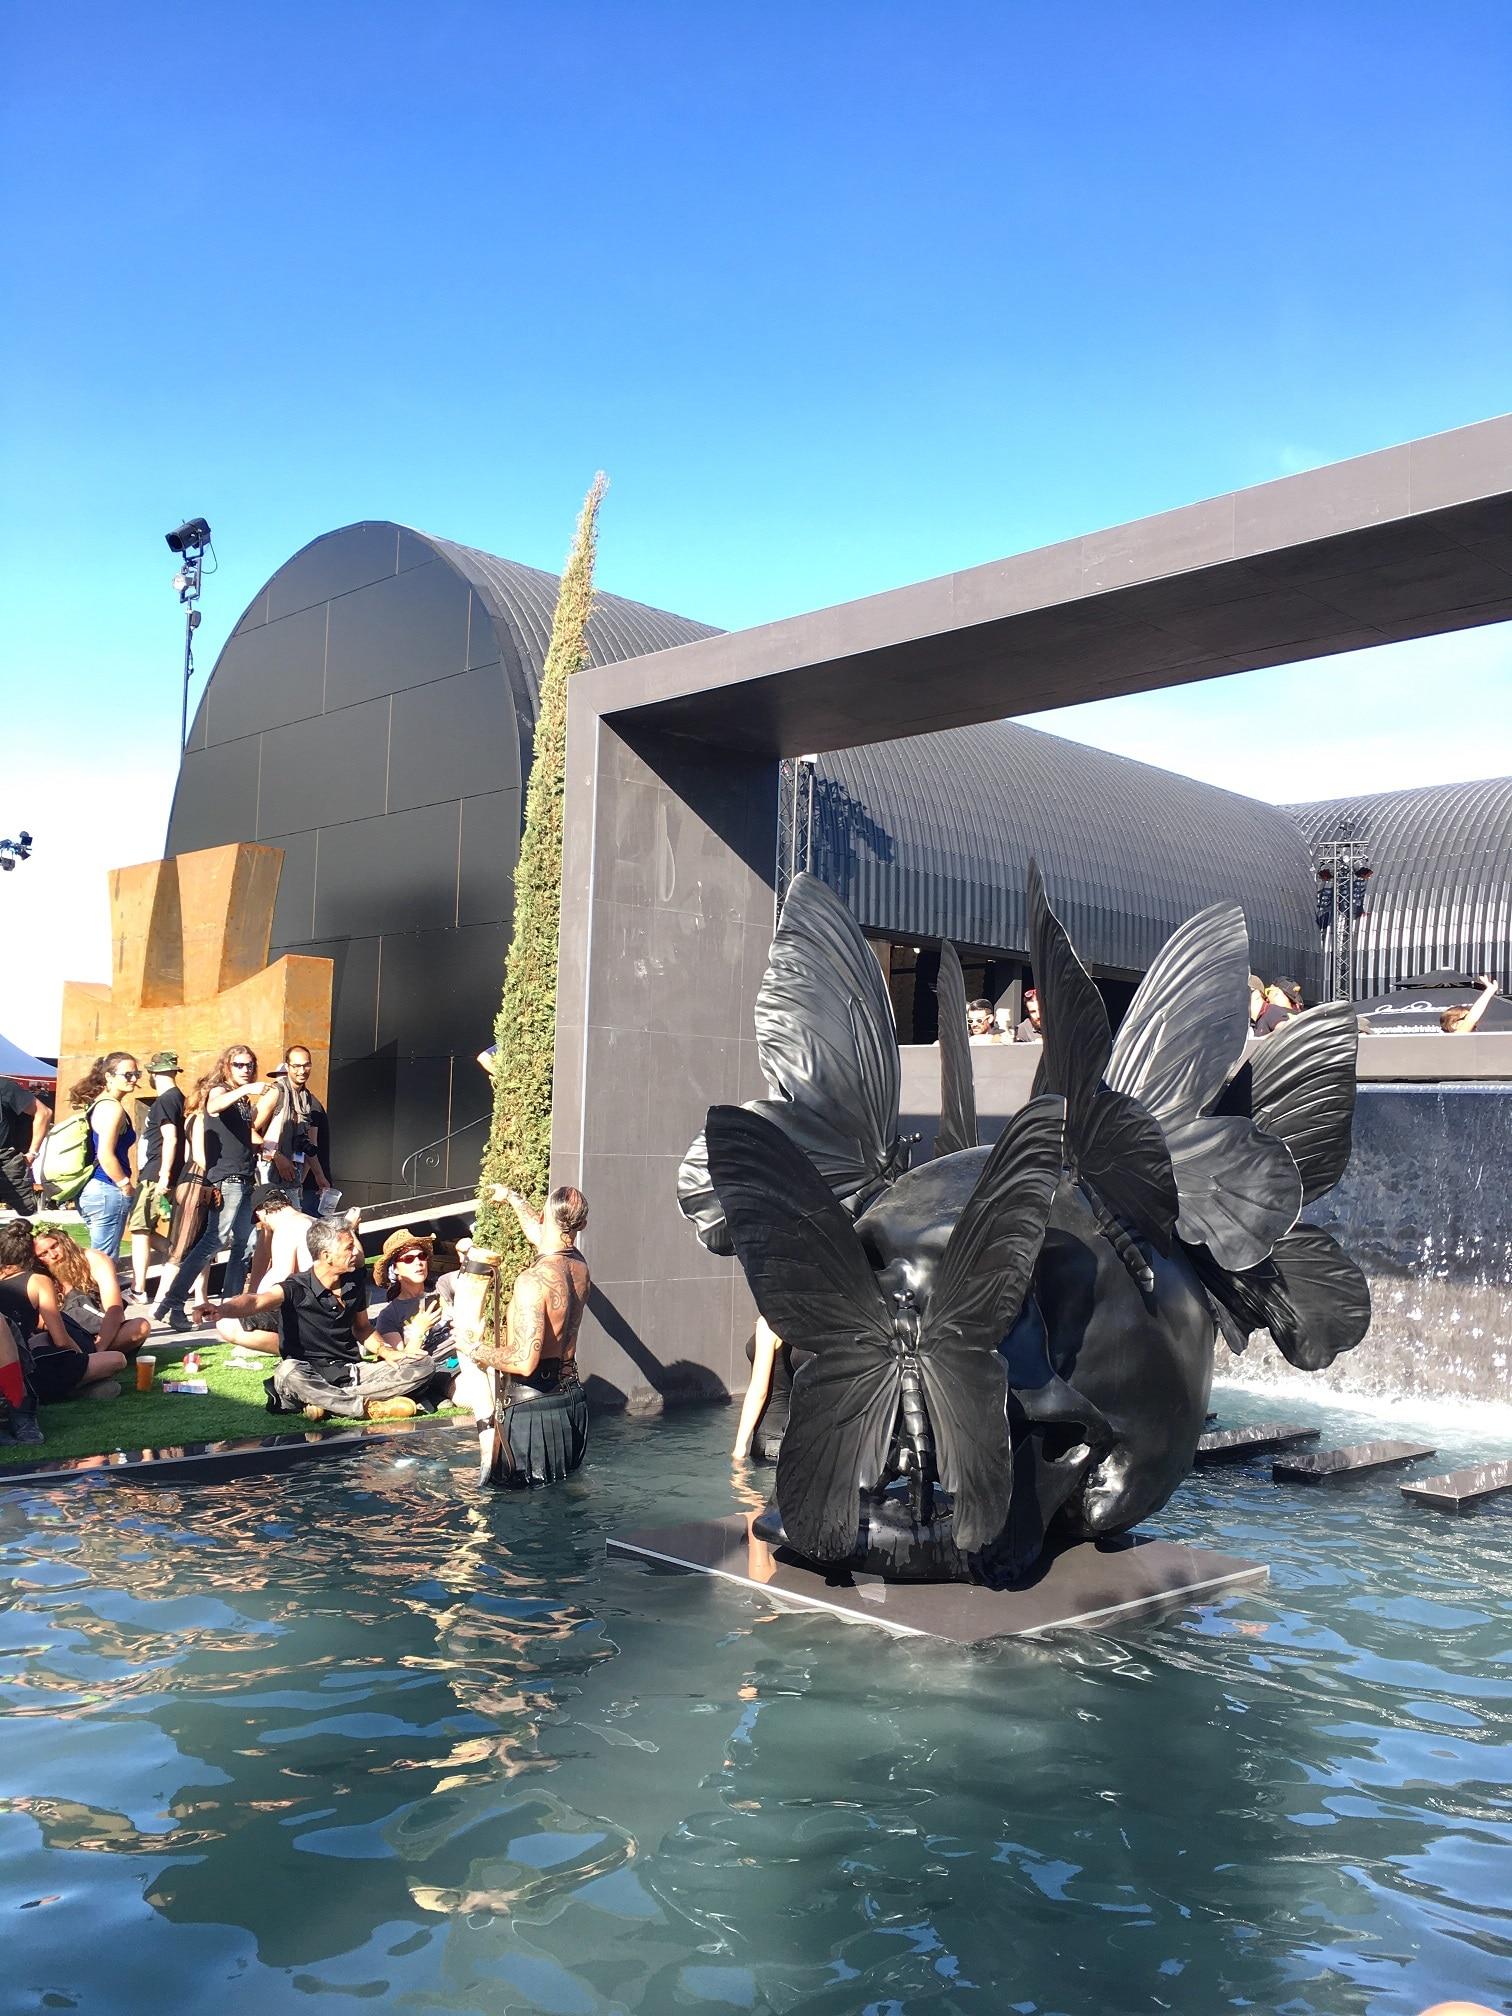 piscine vip presse hellfest 2017